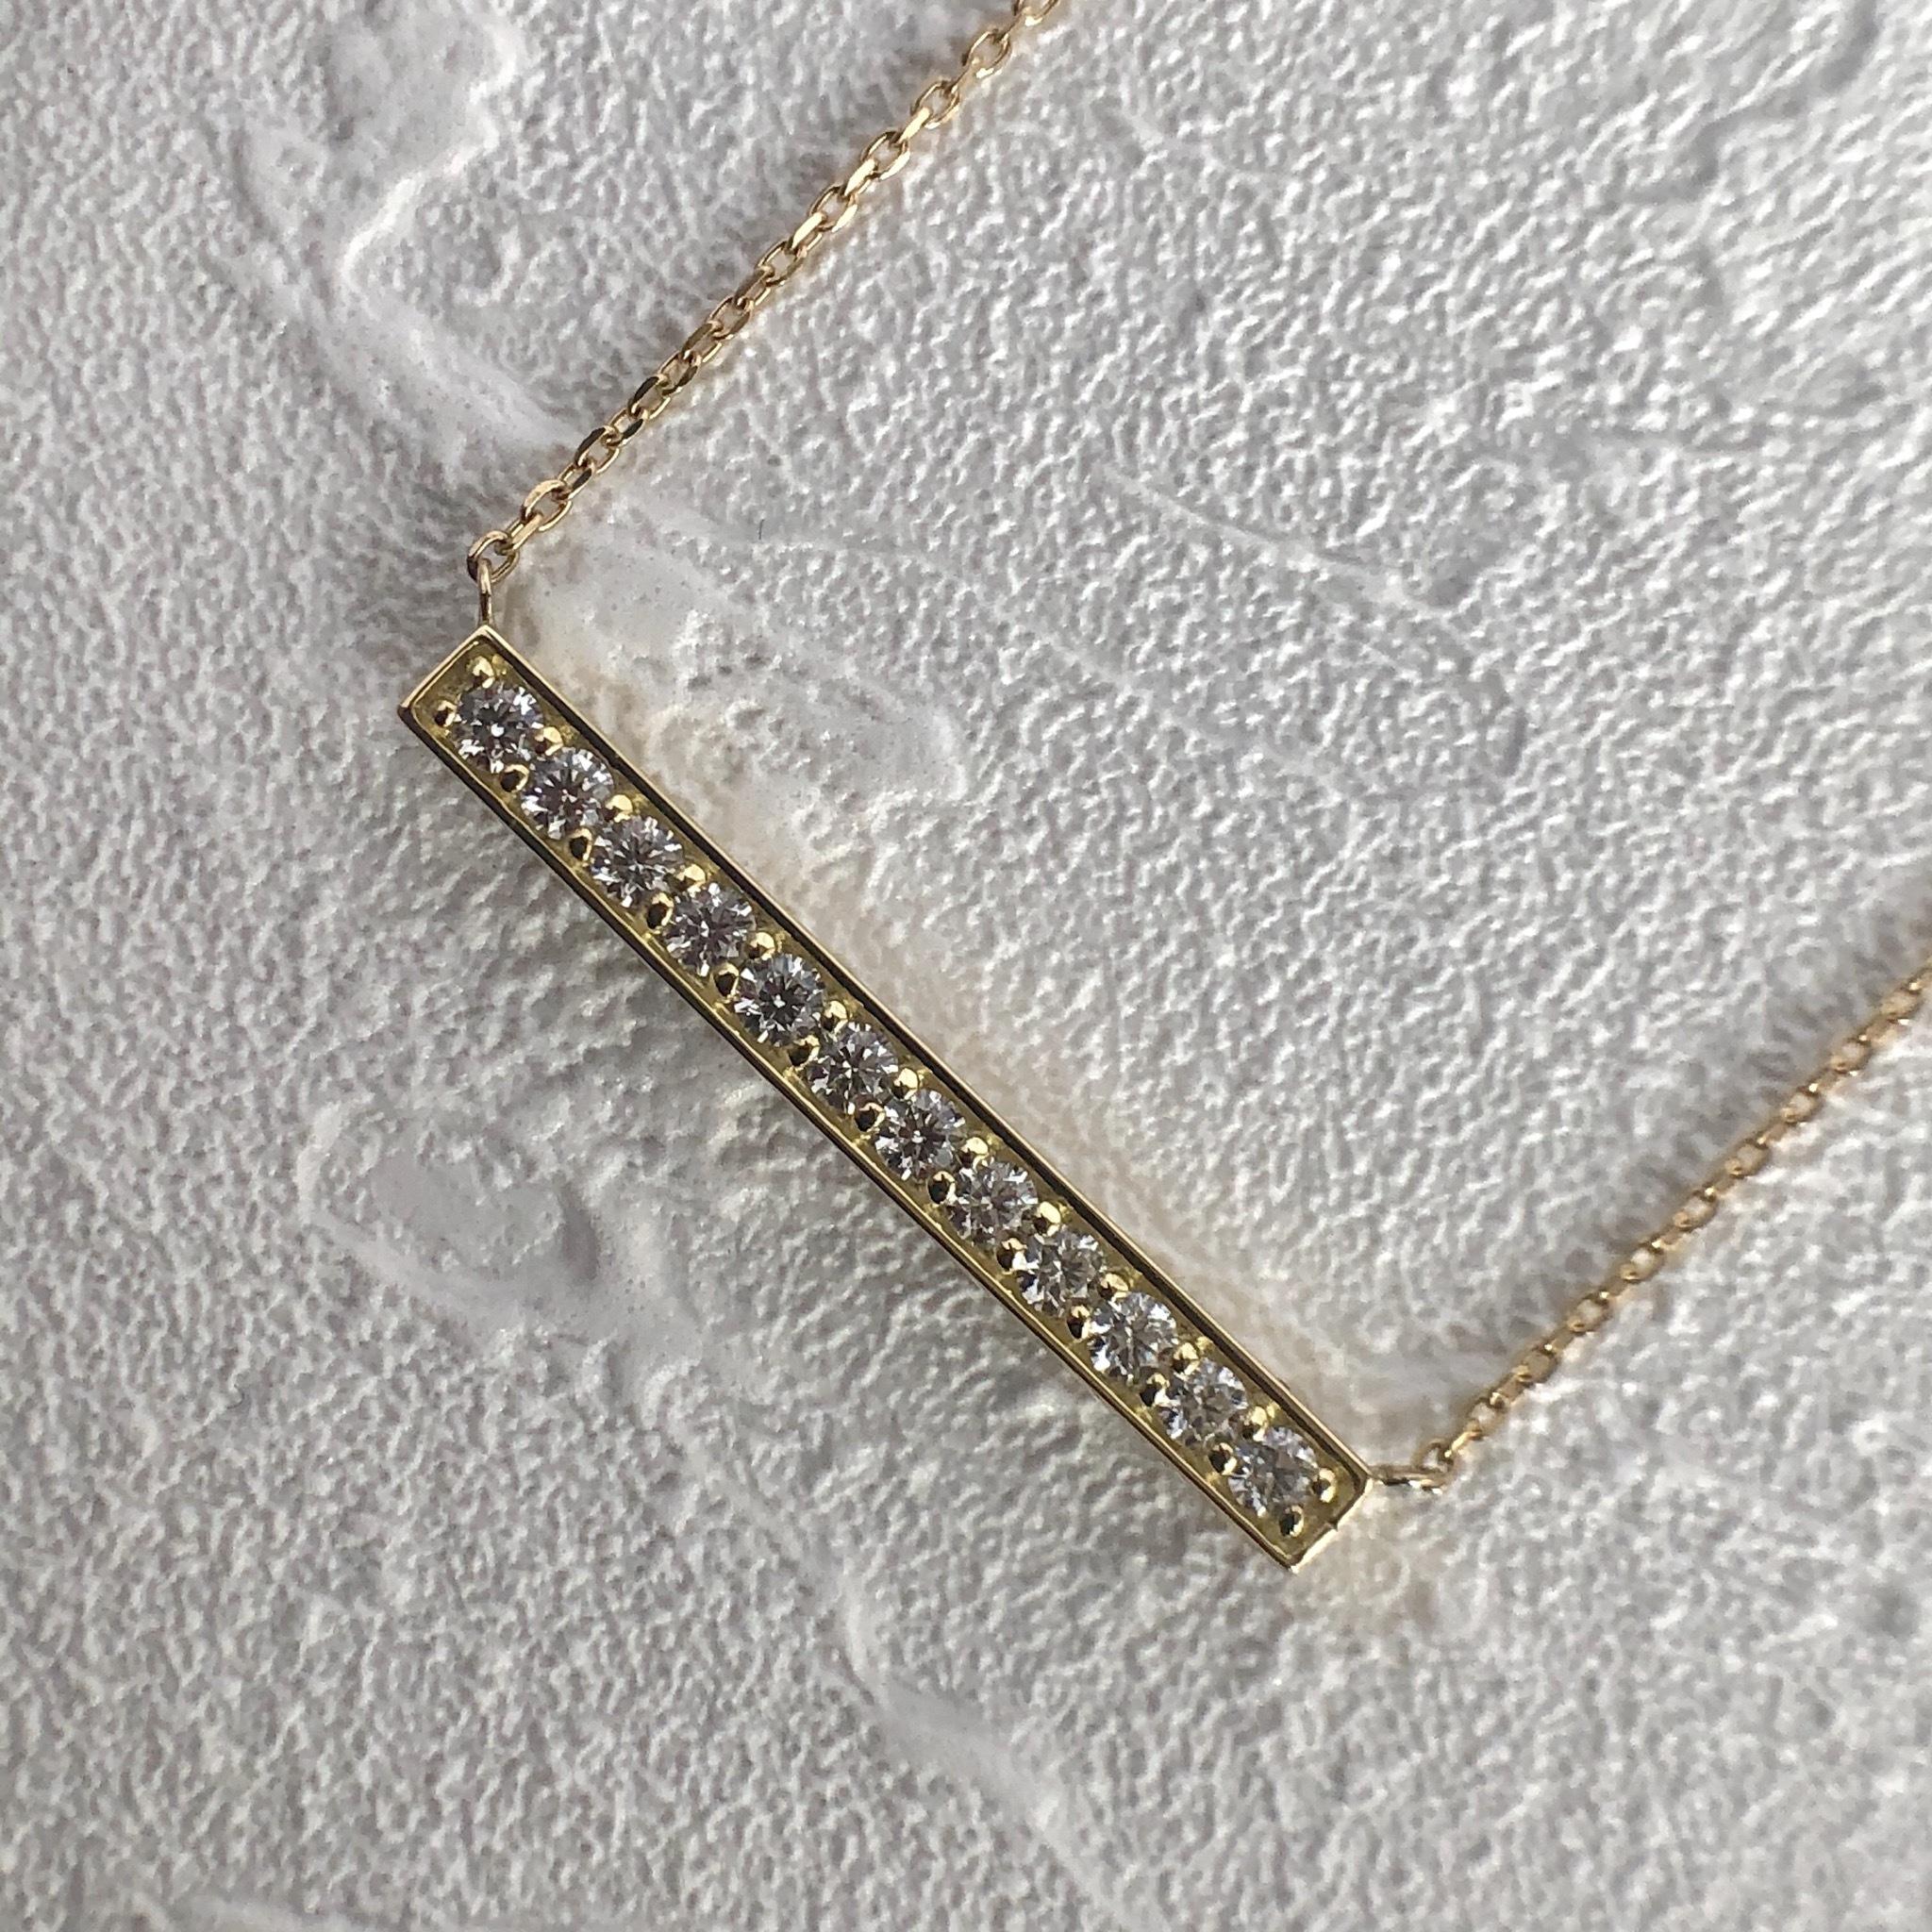 ハート& キューピッド ダイヤモンド  バー ペンダントY  0.20ct K18イエローゴールド / ピンクゴールド チェカ 鑑別書付